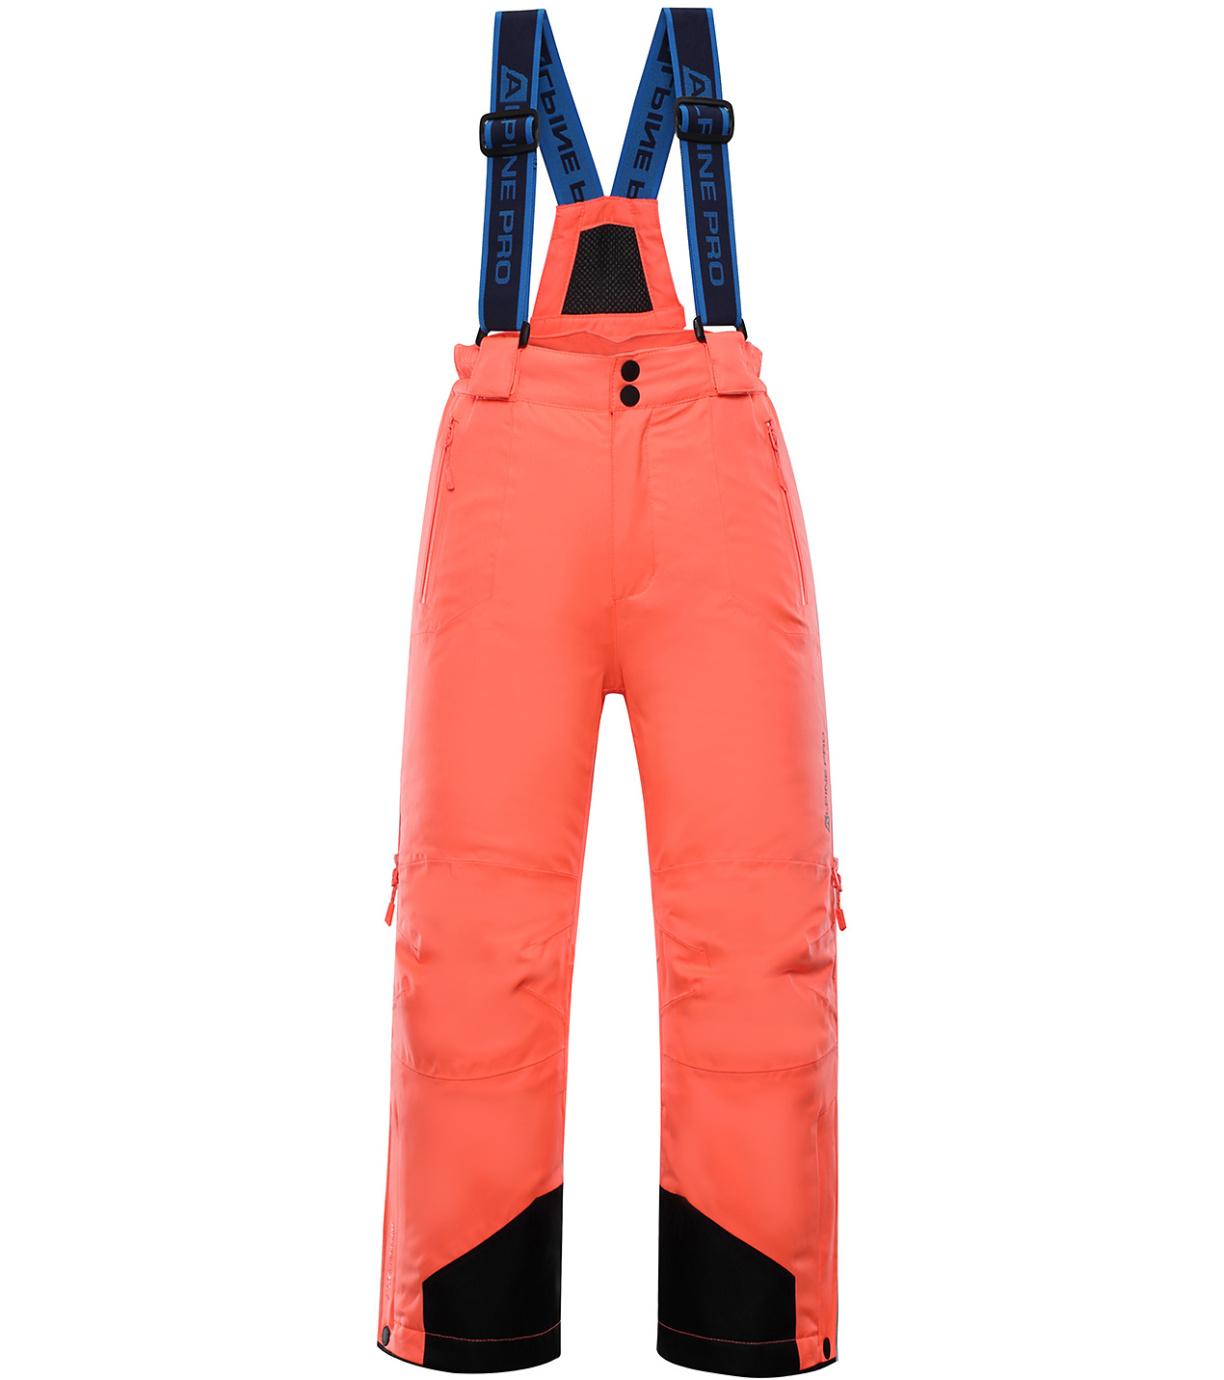 ALPINE PRO NUDDO 4 Dětské lyžařské kalhoty KPAP167341 Neon coral 128-134